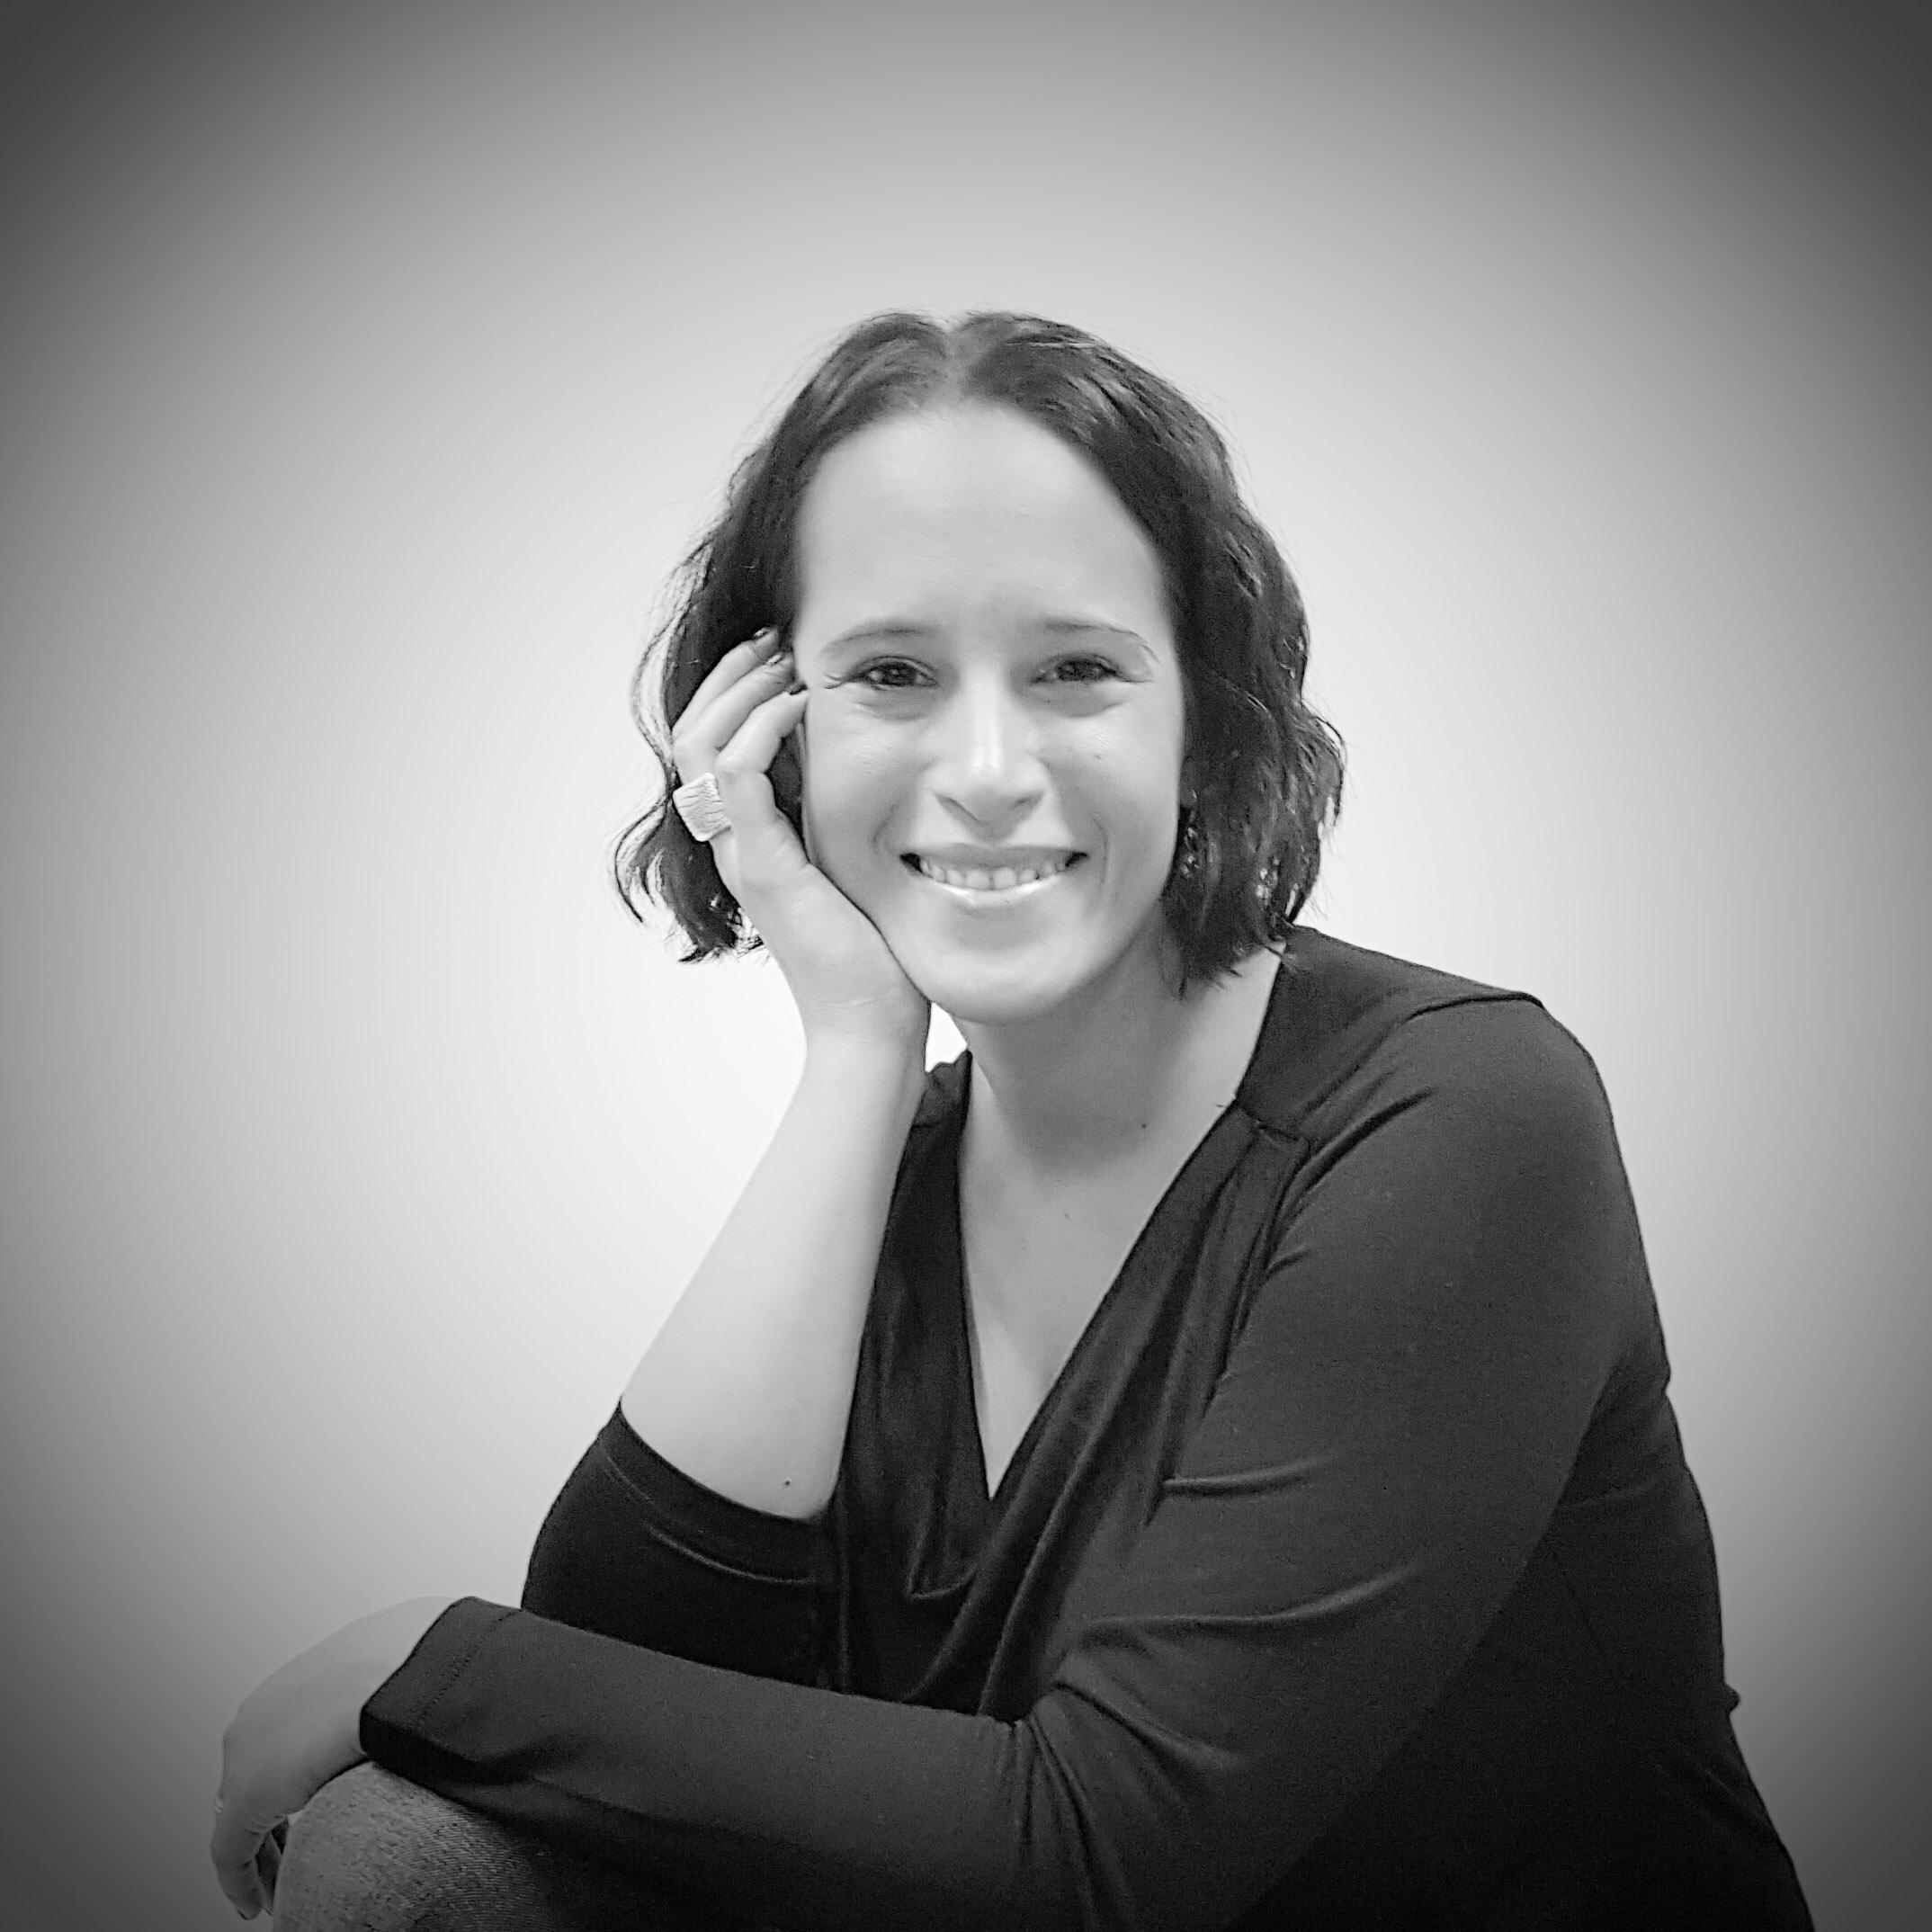 Alexandra Proaño, AP3D